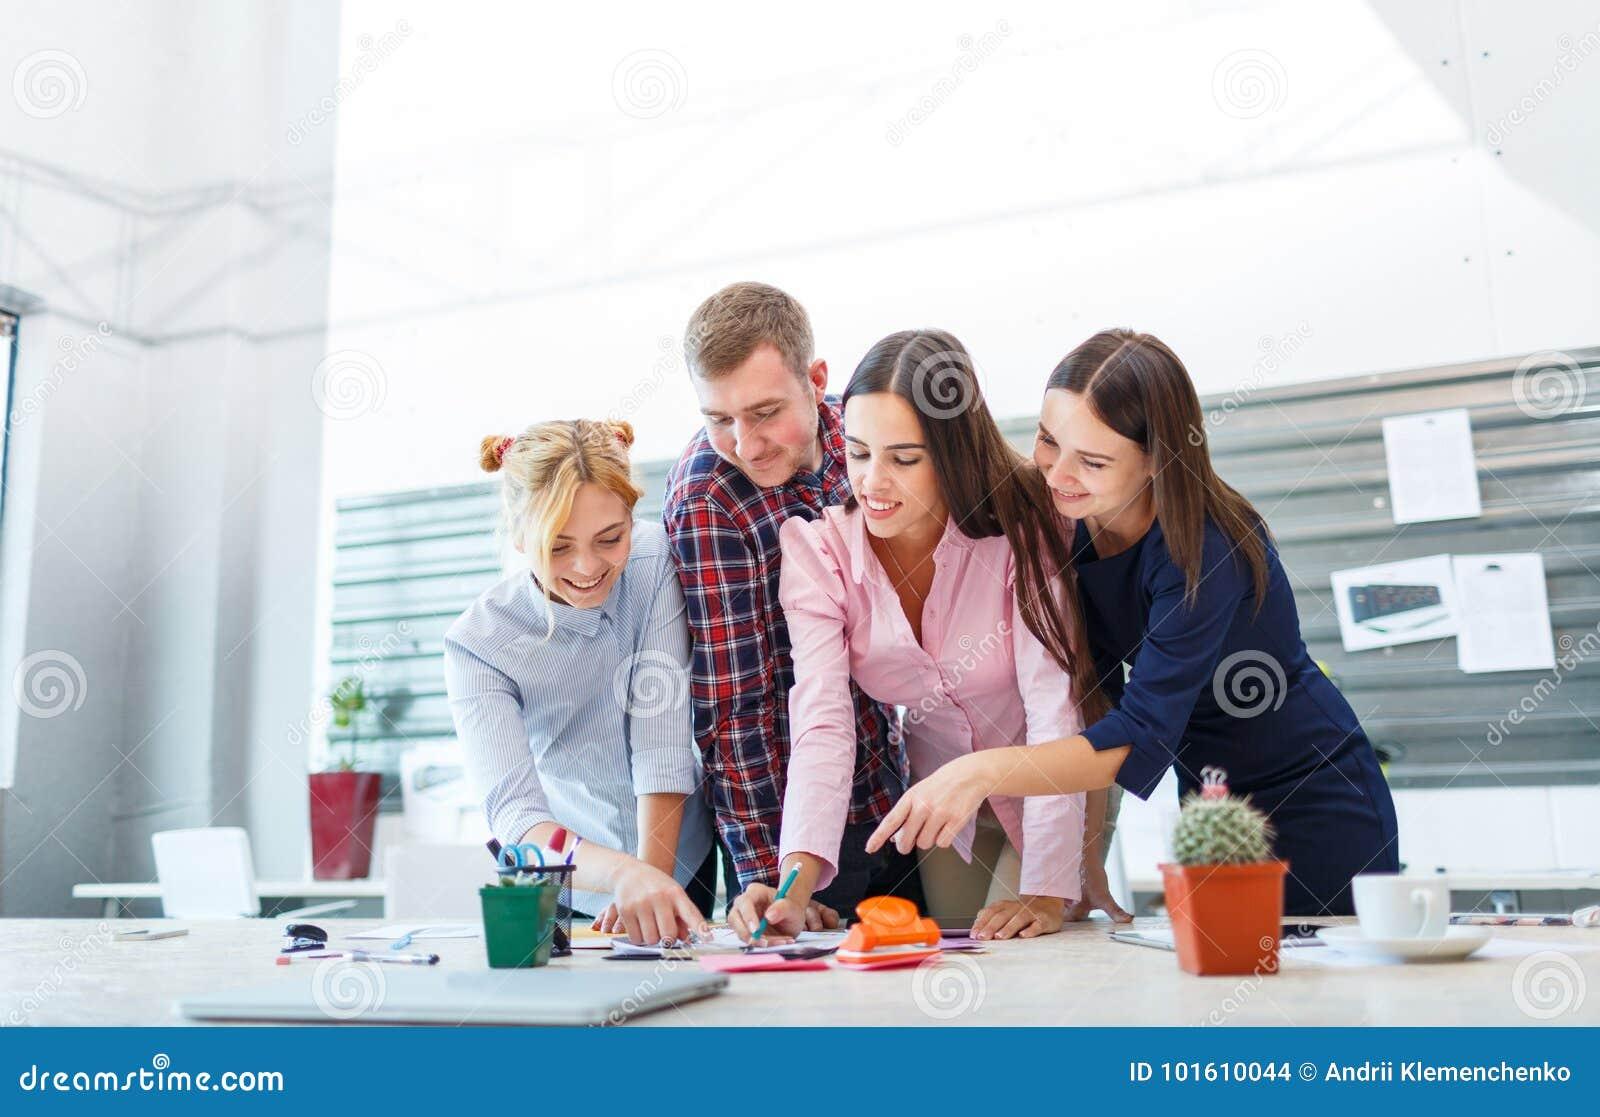 Bedrijfs commerciële vergadering in het bureau met jongeren